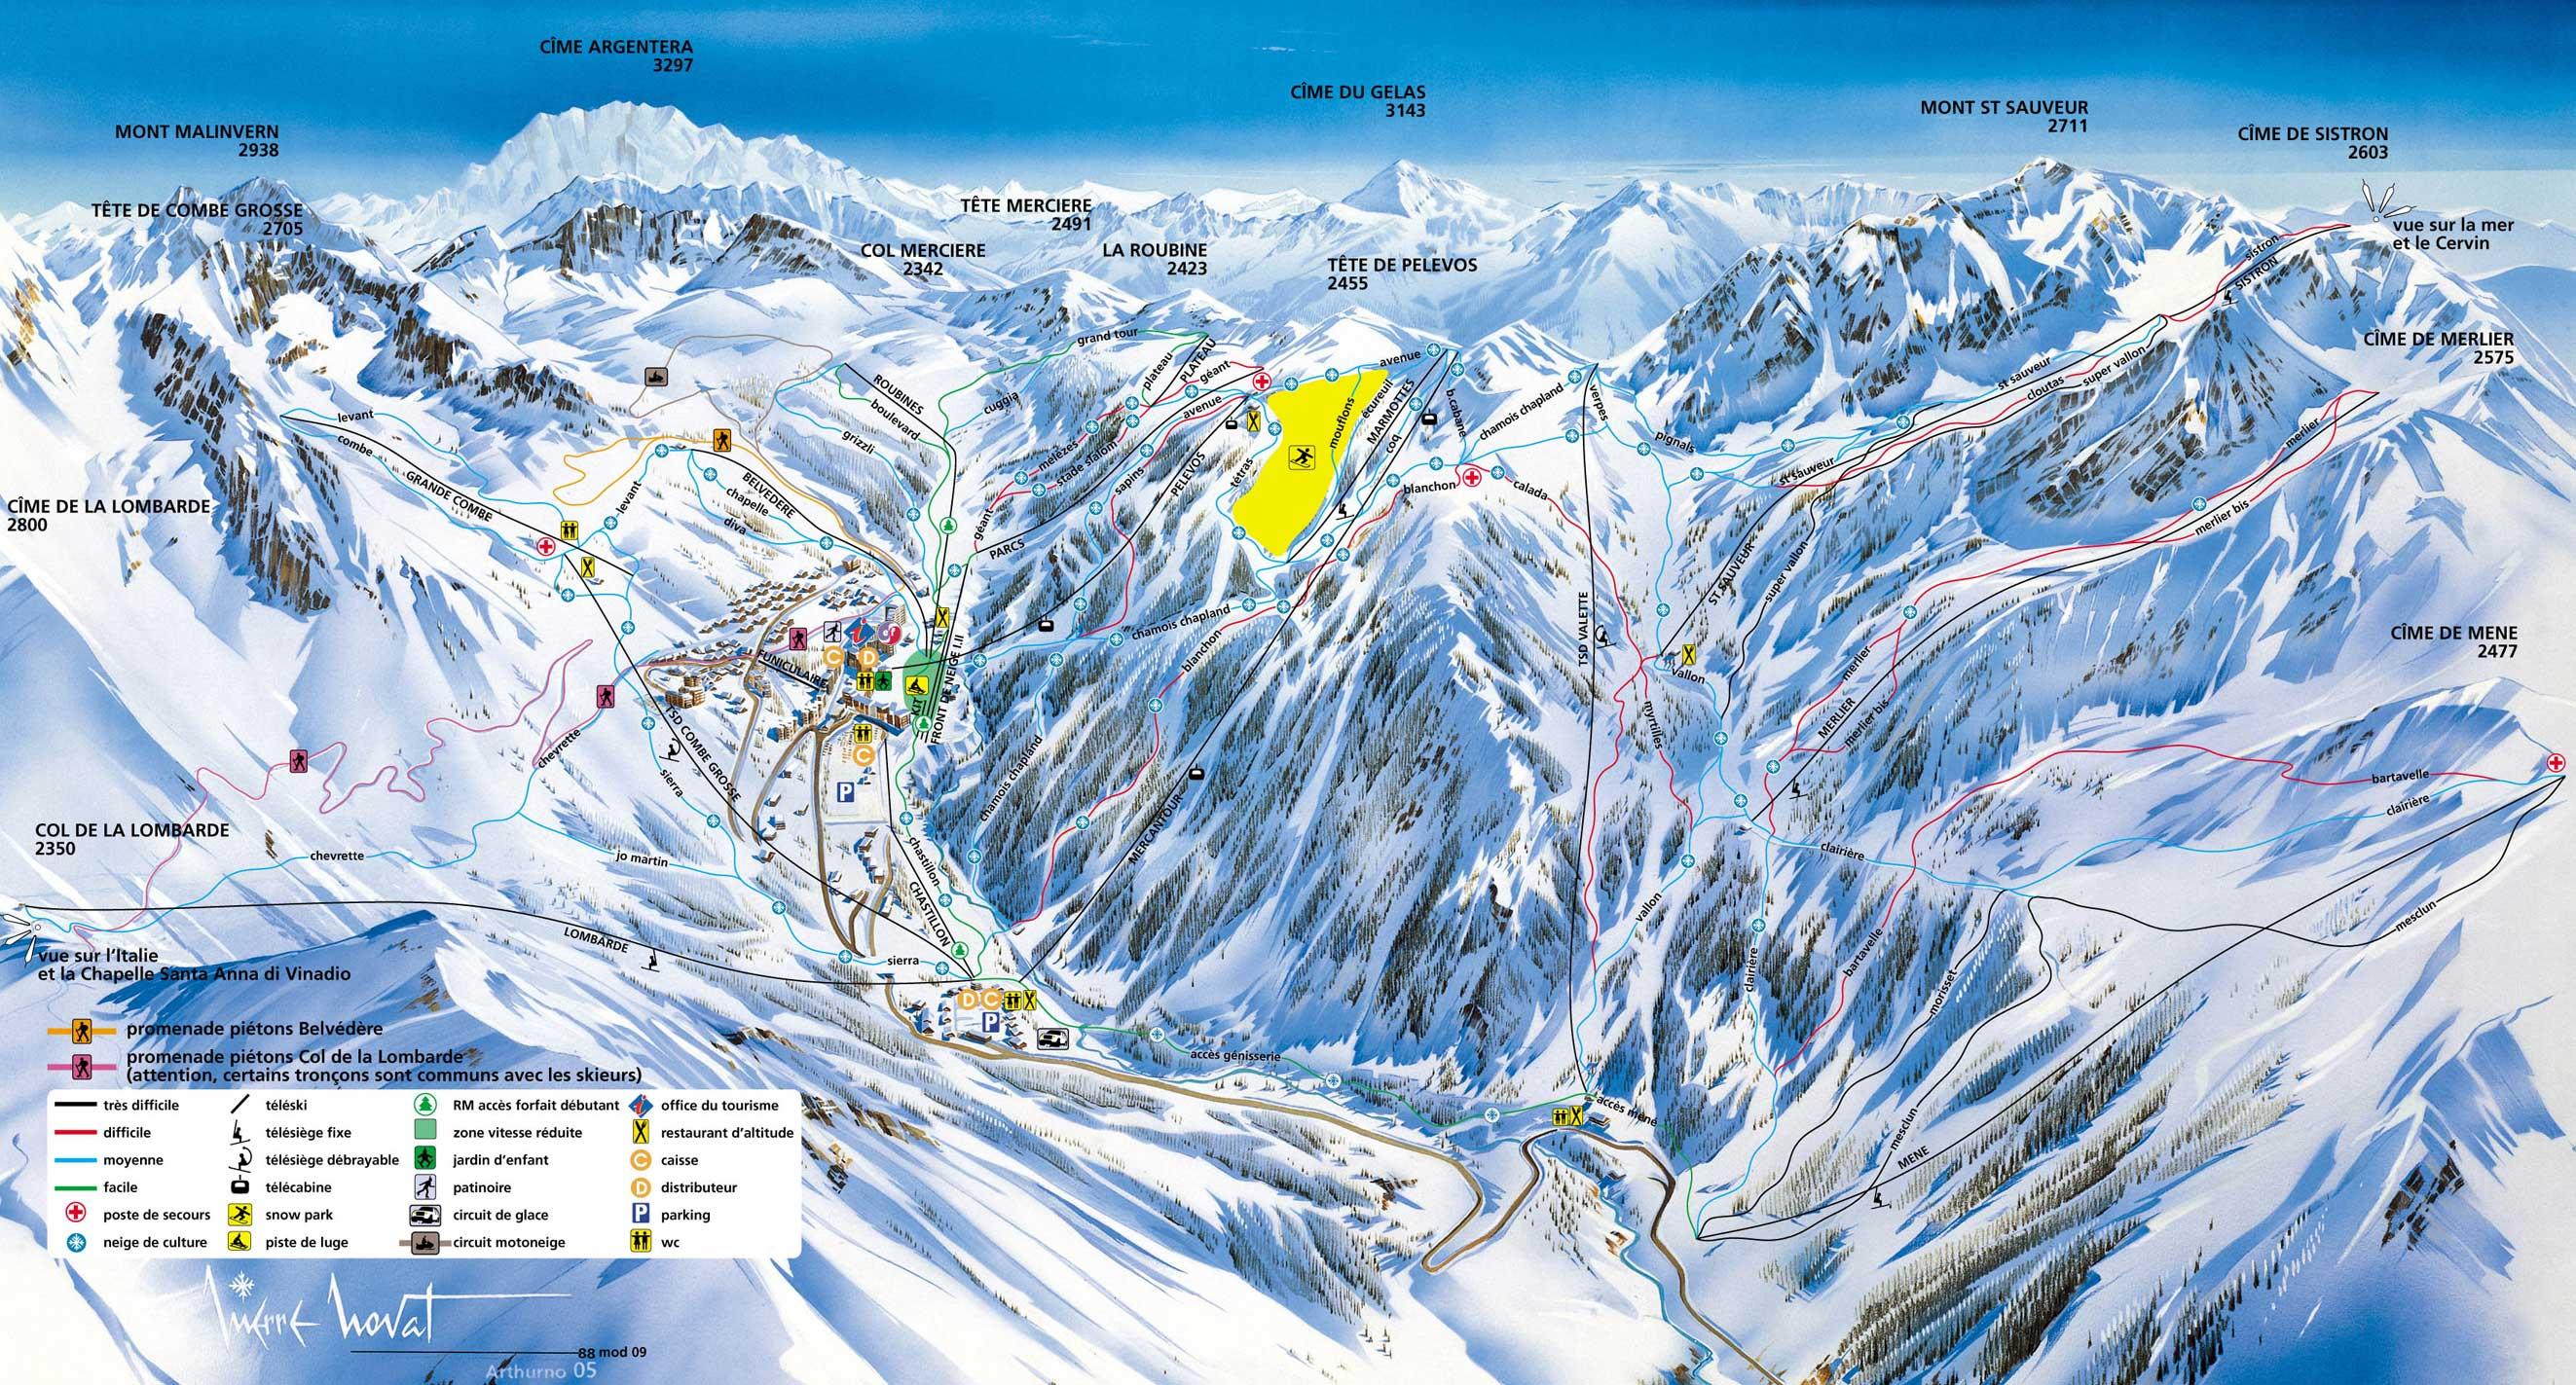 Isola 2000 piste map